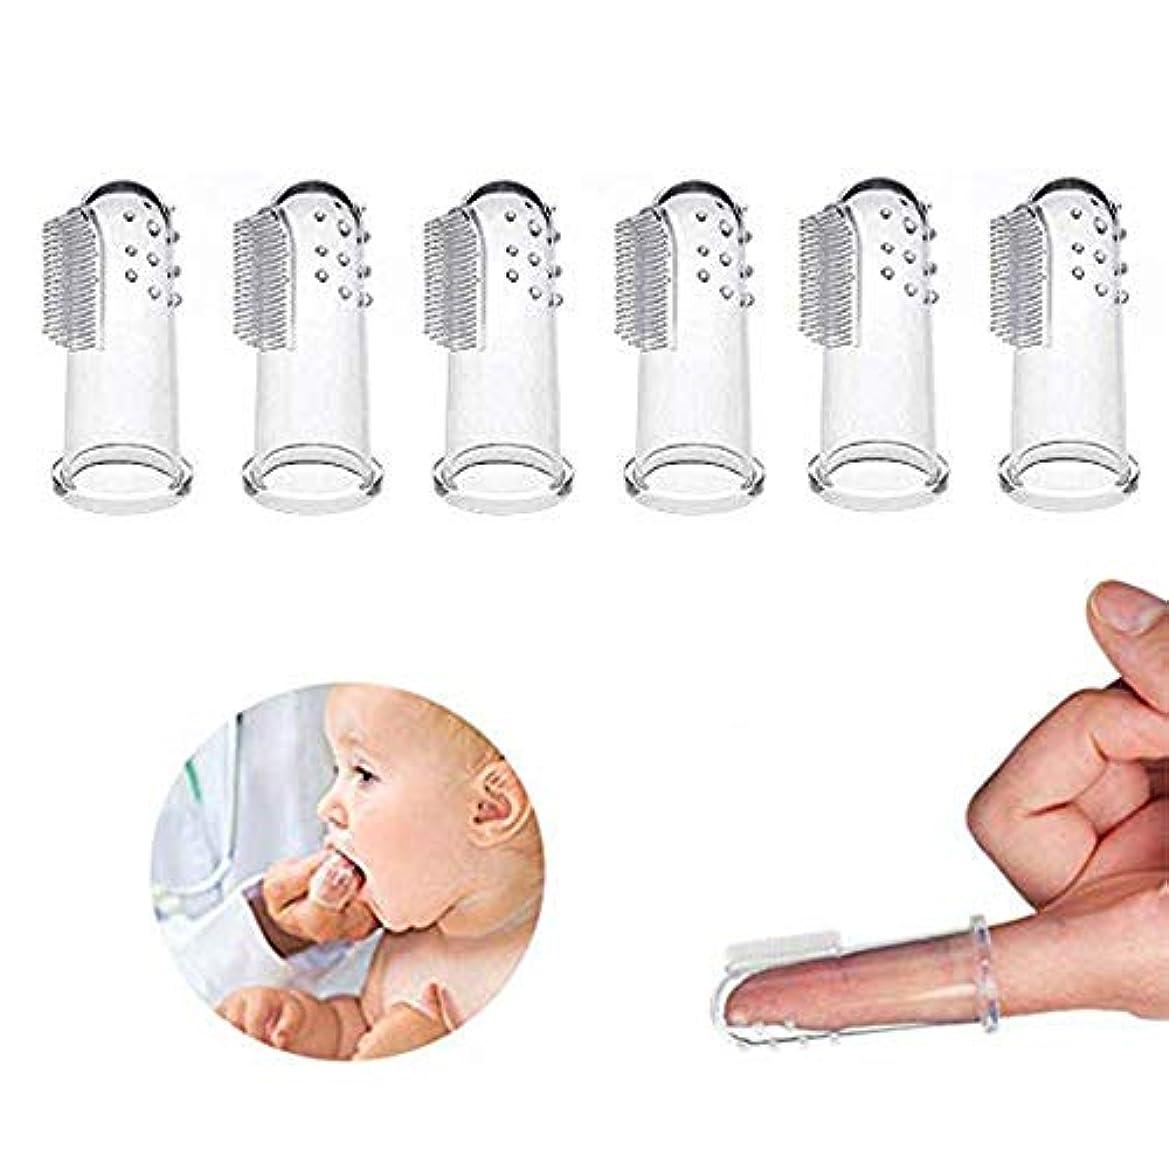 ここに切手意志に反する幼児歯ブラシ ベビー指歯ブラシ 指歯ブラシ 乳歯清潔 口腔ケア ケース付き ベビーフィンガーブラ 乳児幼児子供用シリコーンソフトオーラルマッサージャージェントルケア 6本セット (ホワイト)